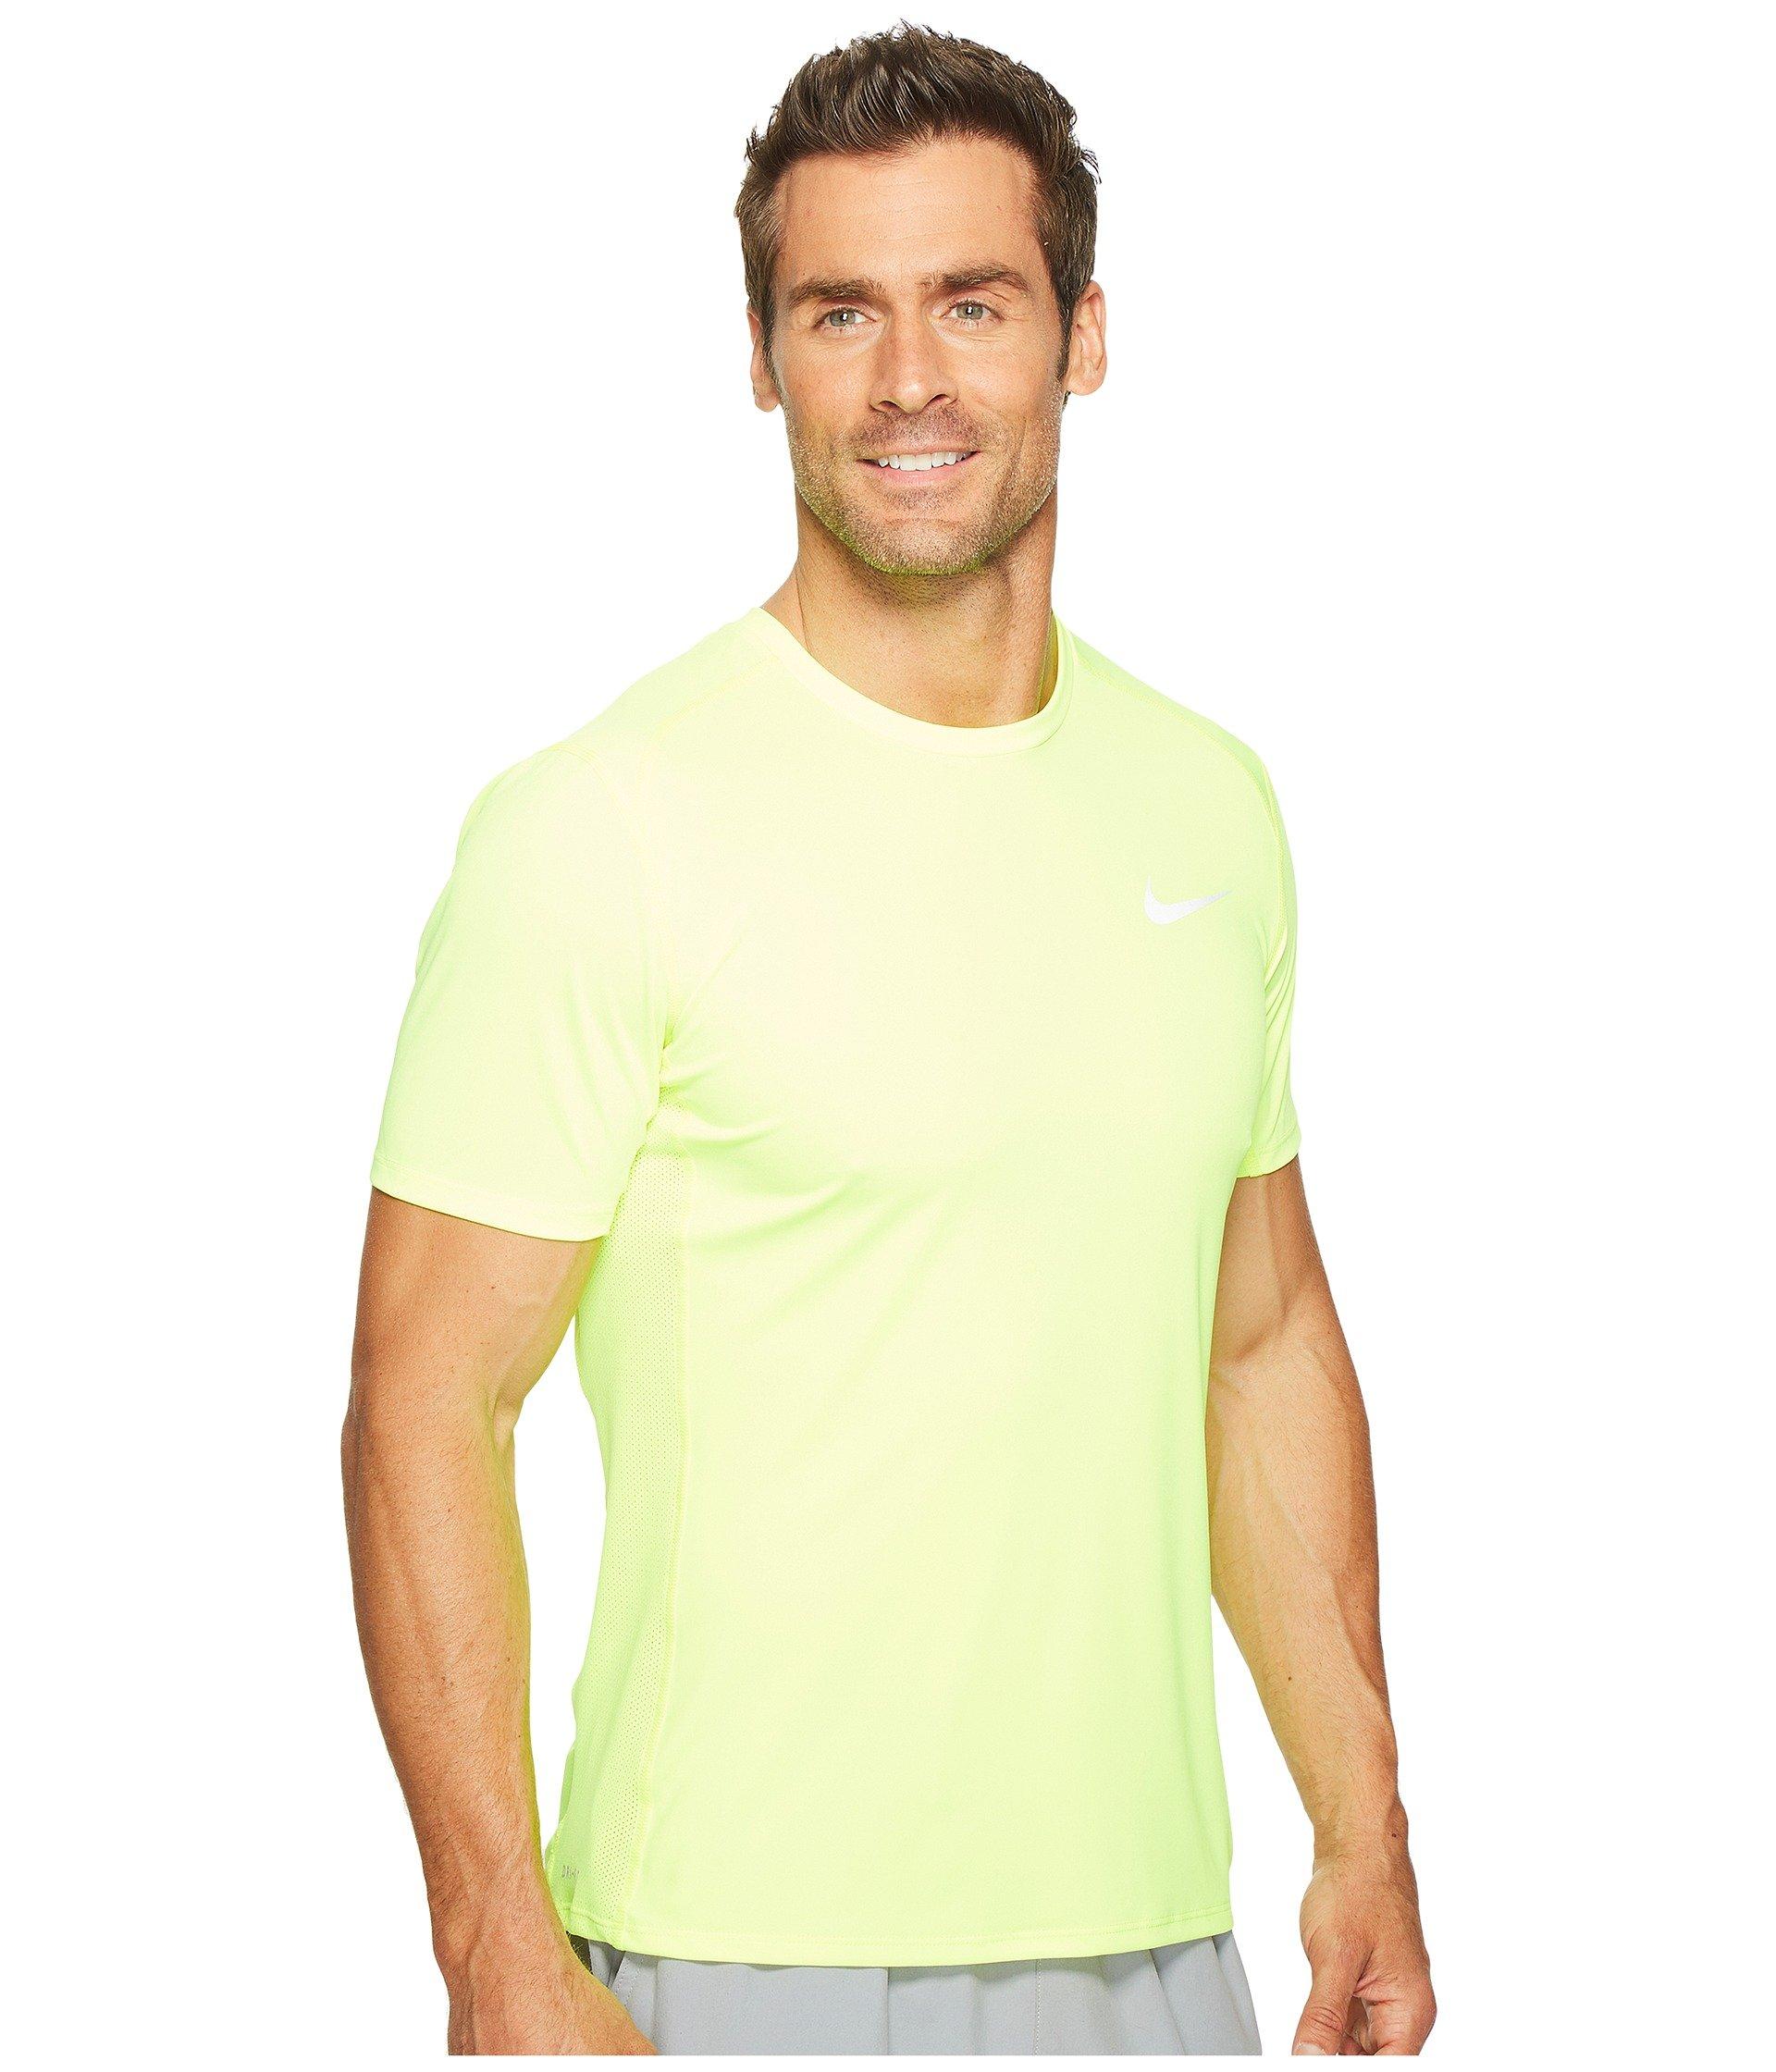 huge discount 5dda6 bcc3c Nike Dry Miler Short Sleeve Running Top, Volt Volt